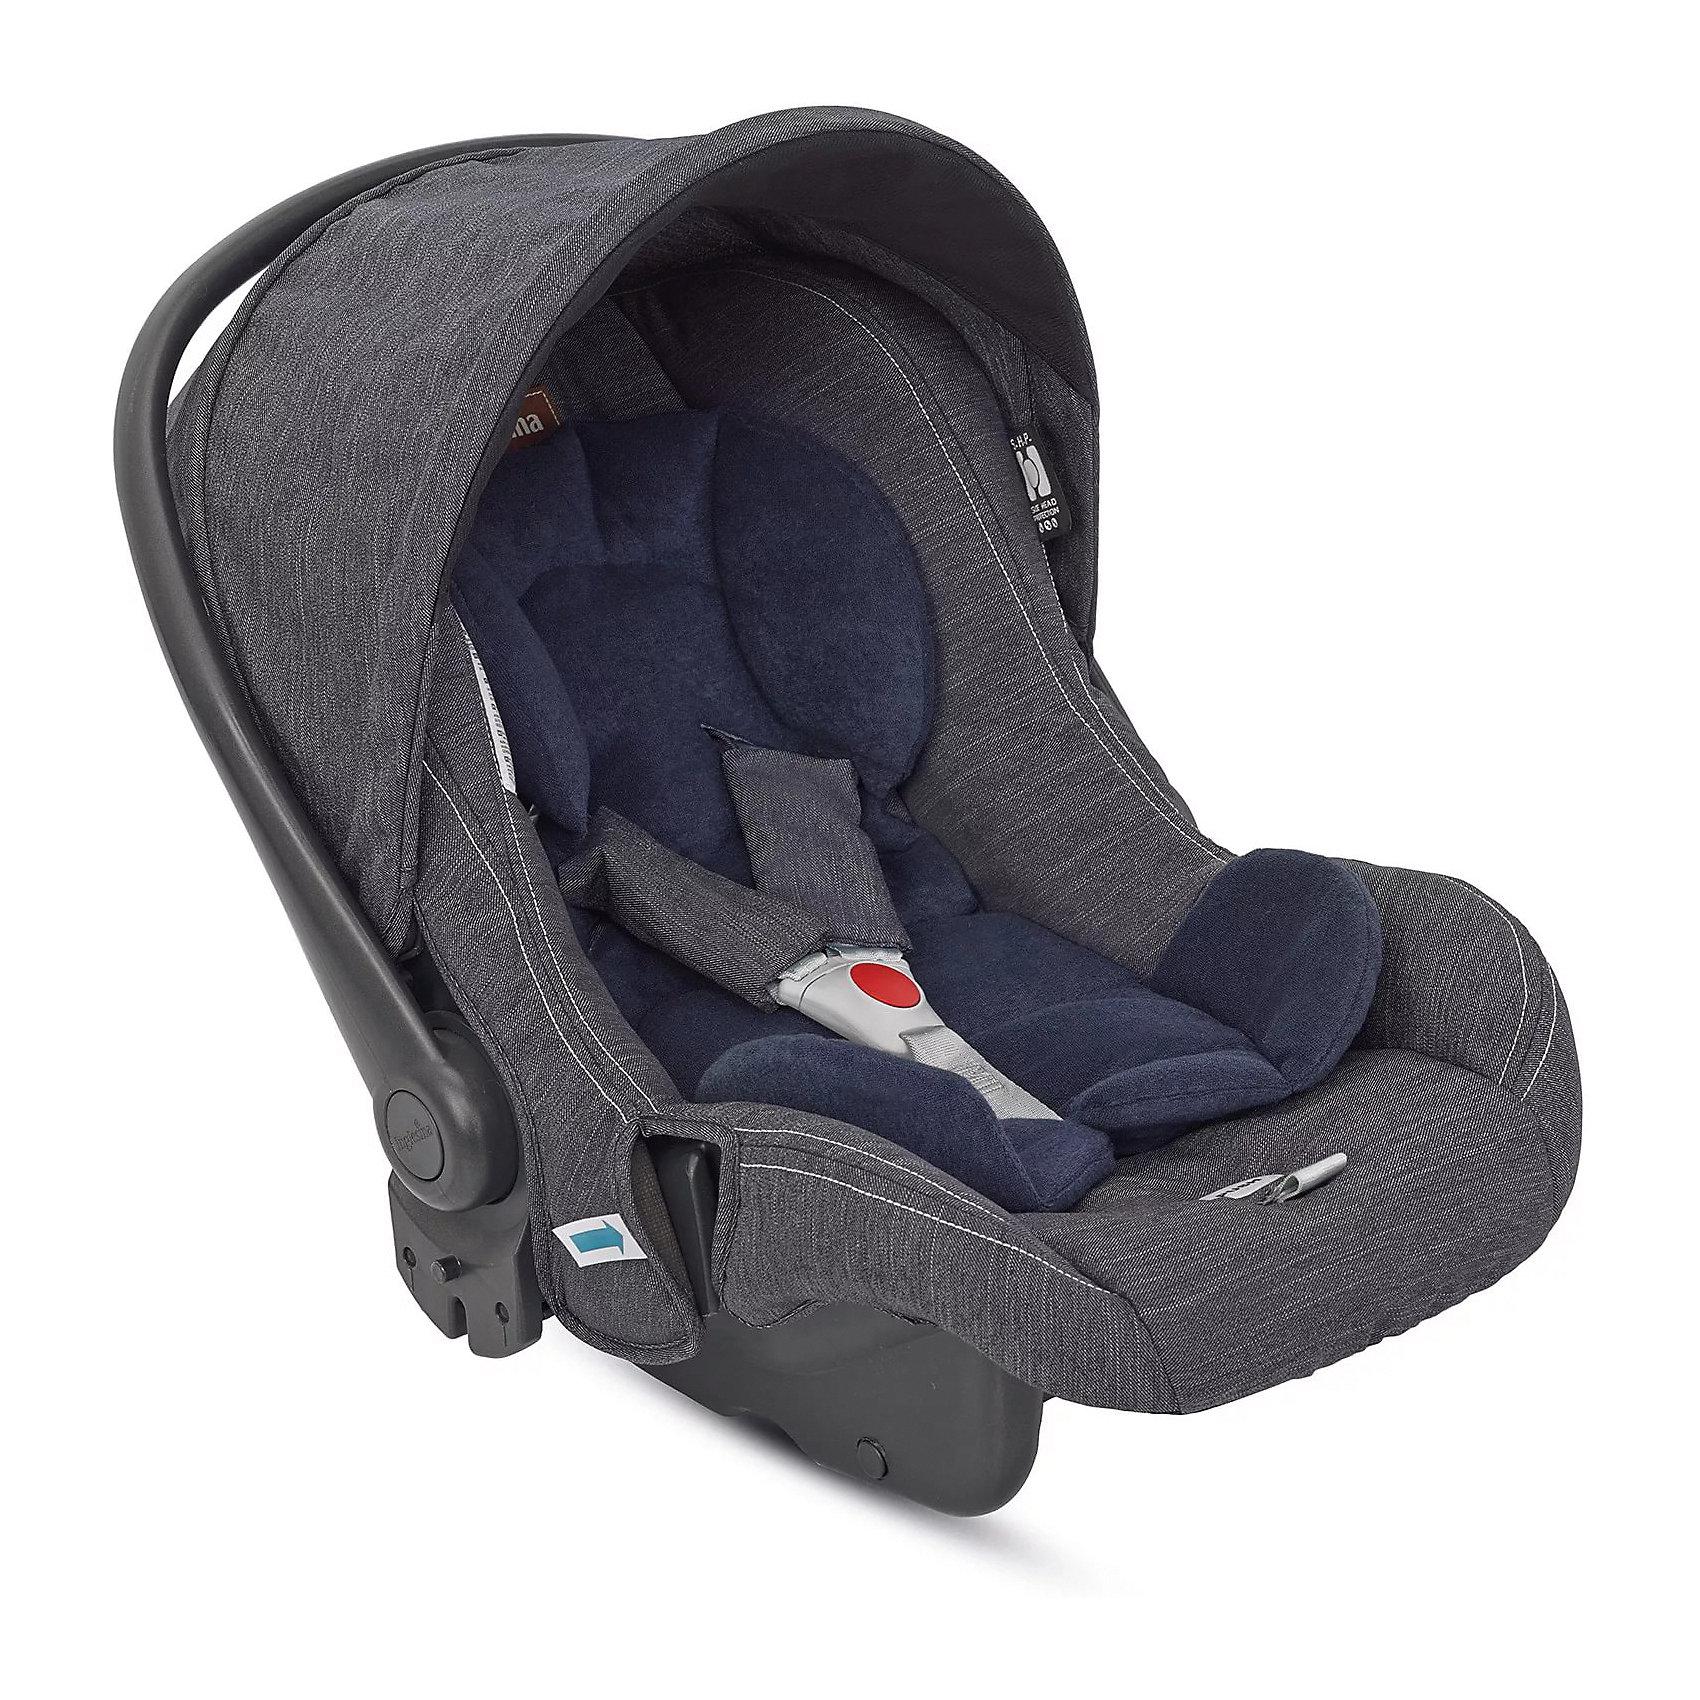 Автокресло Huggy MULTIFIX 0-13 кг., Inglesina, EcruАвтокресло Huggy MULTIFIX обеспечит малышам комфорт и безопасность во время поездок на автомобиле. Кресло обладает регулируемой спинкой, технология Side Head Protection защитит малышей от боковых ударов. Автокресло легко установить в автомобиле с его базой, в обыкновенной комплектации или в комплектации Isofix (покупается отдельно) или без нее. Кресло сочетается с коляской Trilogy, делая детское транспортное средство максимально компактным. Это идеальный вариант для прогулок по людным местам. Благодаря системе Easy Clip, процесс установки автокресла на шасси максимально упрощен.  Мягкий вкладыш и 3-точечные страховочные ремни обеспечат малышам максимальный комфорт и безопасность. Кресло имеет эргономичную ручку для переноски, которая регулируется в 4 положениях. Тканевый чехол легко снимается и стирается при температуре не более 30 градусов в режиме деликатной стирки.<br><br>Дополнительная информация:<br><br>- Материал: текстиль, пластик, металл.<br>- Размер: 68х42х55 см.<br>- Вес: 3,7 кг.<br>- Группа 0+ (до 13 кг).<br>- Устанавливается против хода движения. <br>- Трехточечные ремни безопасности.<br>- Мягкий вкладыш. <br>- Индикаторы правильного крепления кресла.<br>- Фиксация в авто штатными ремнями.<br>- Установка в коляске Trilogy креплением Easy Clip.<br>- Удобная ручка-переноска, регулируемая в 4 положениях.<br>- В комплекте: нескользящий анатомический вкладыш, капюшон.<br><br>Автокресло Huggy MULTIFIX 0-13 кг., Inglesina (Инглезина), Ecru, можно купить в нашем магазине.<br><br>Ширина мм: 440<br>Глубина мм: 385<br>Высота мм: 725<br>Вес г: 5300<br>Цвет: бежевый<br>Возраст от месяцев: 0<br>Возраст до месяцев: 18<br>Пол: Унисекс<br>Возраст: Детский<br>SKU: 4764247